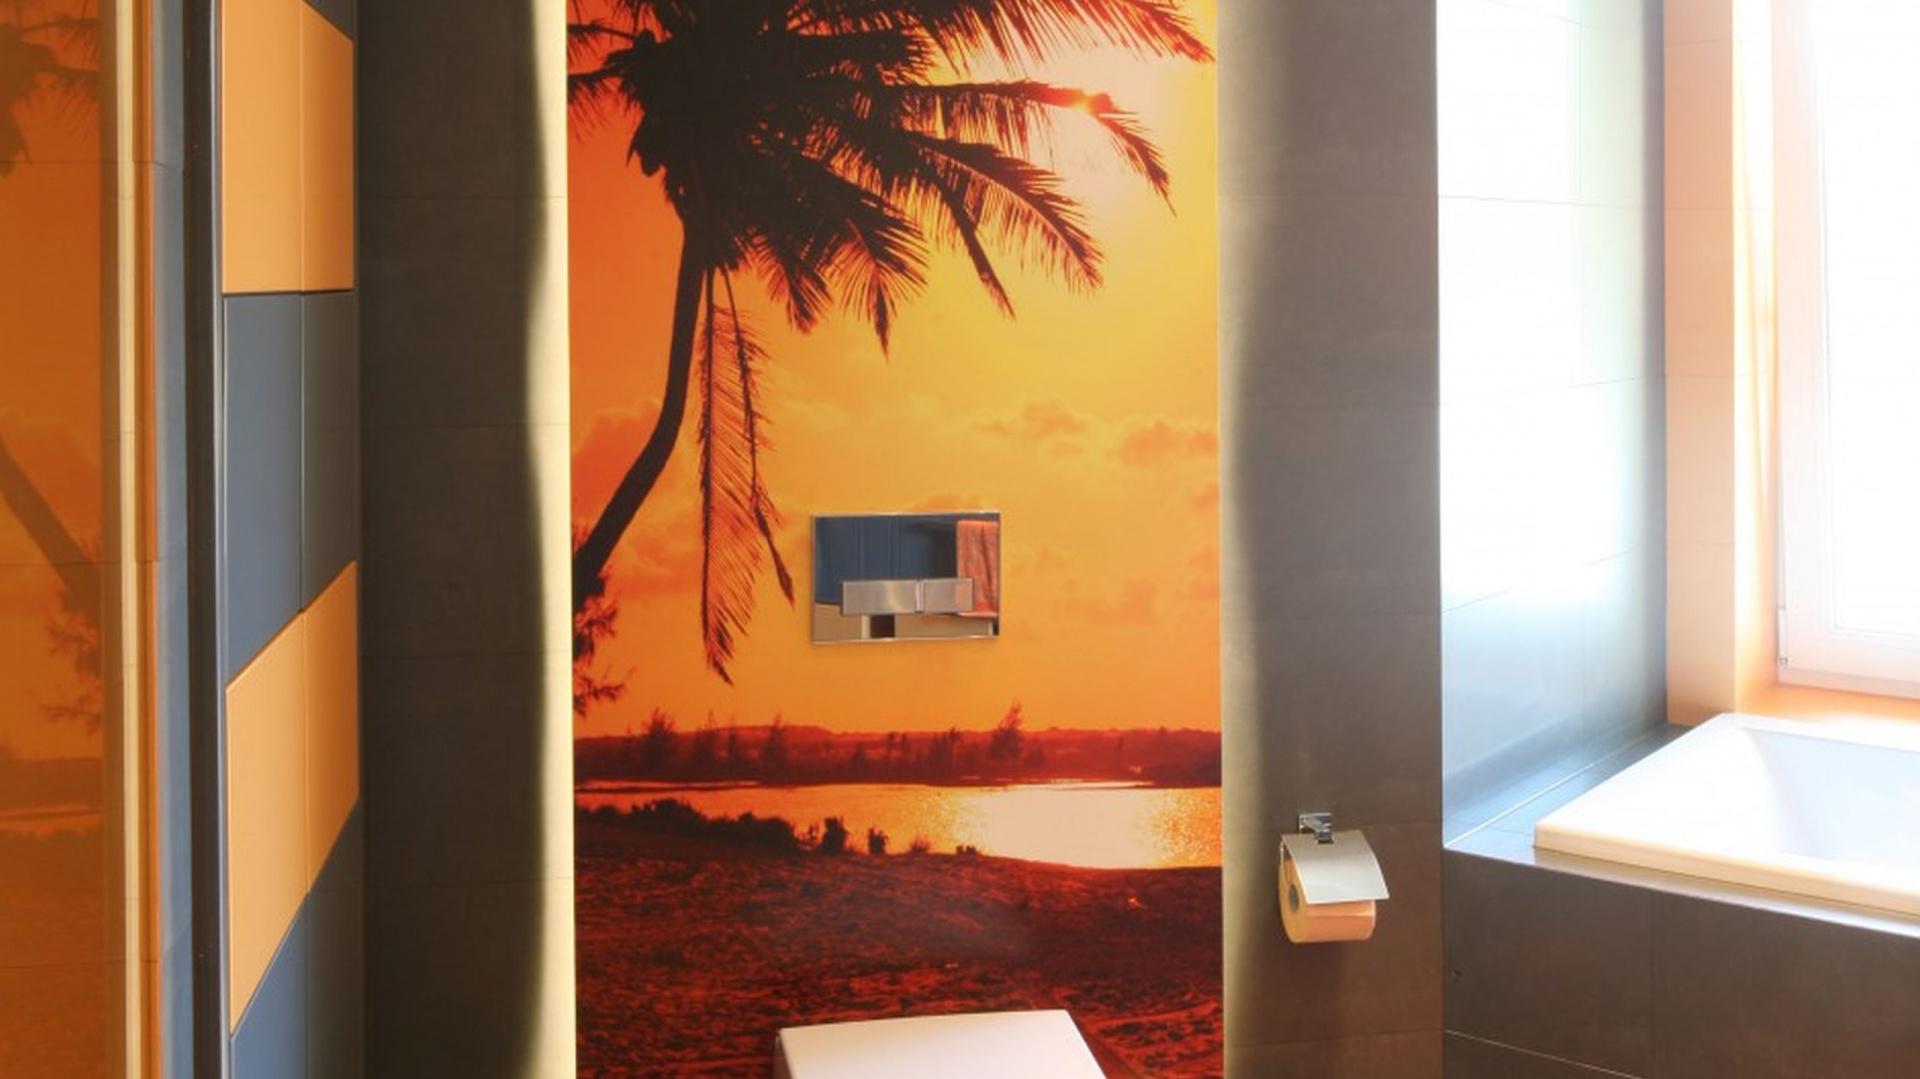 Tropikalna plaża na ścianie? Dlaczego nie! Wystarczy modna fototapeta. Projekt: Monika i Adam Bronikowscy. Fot. Bartosz Jarosz.